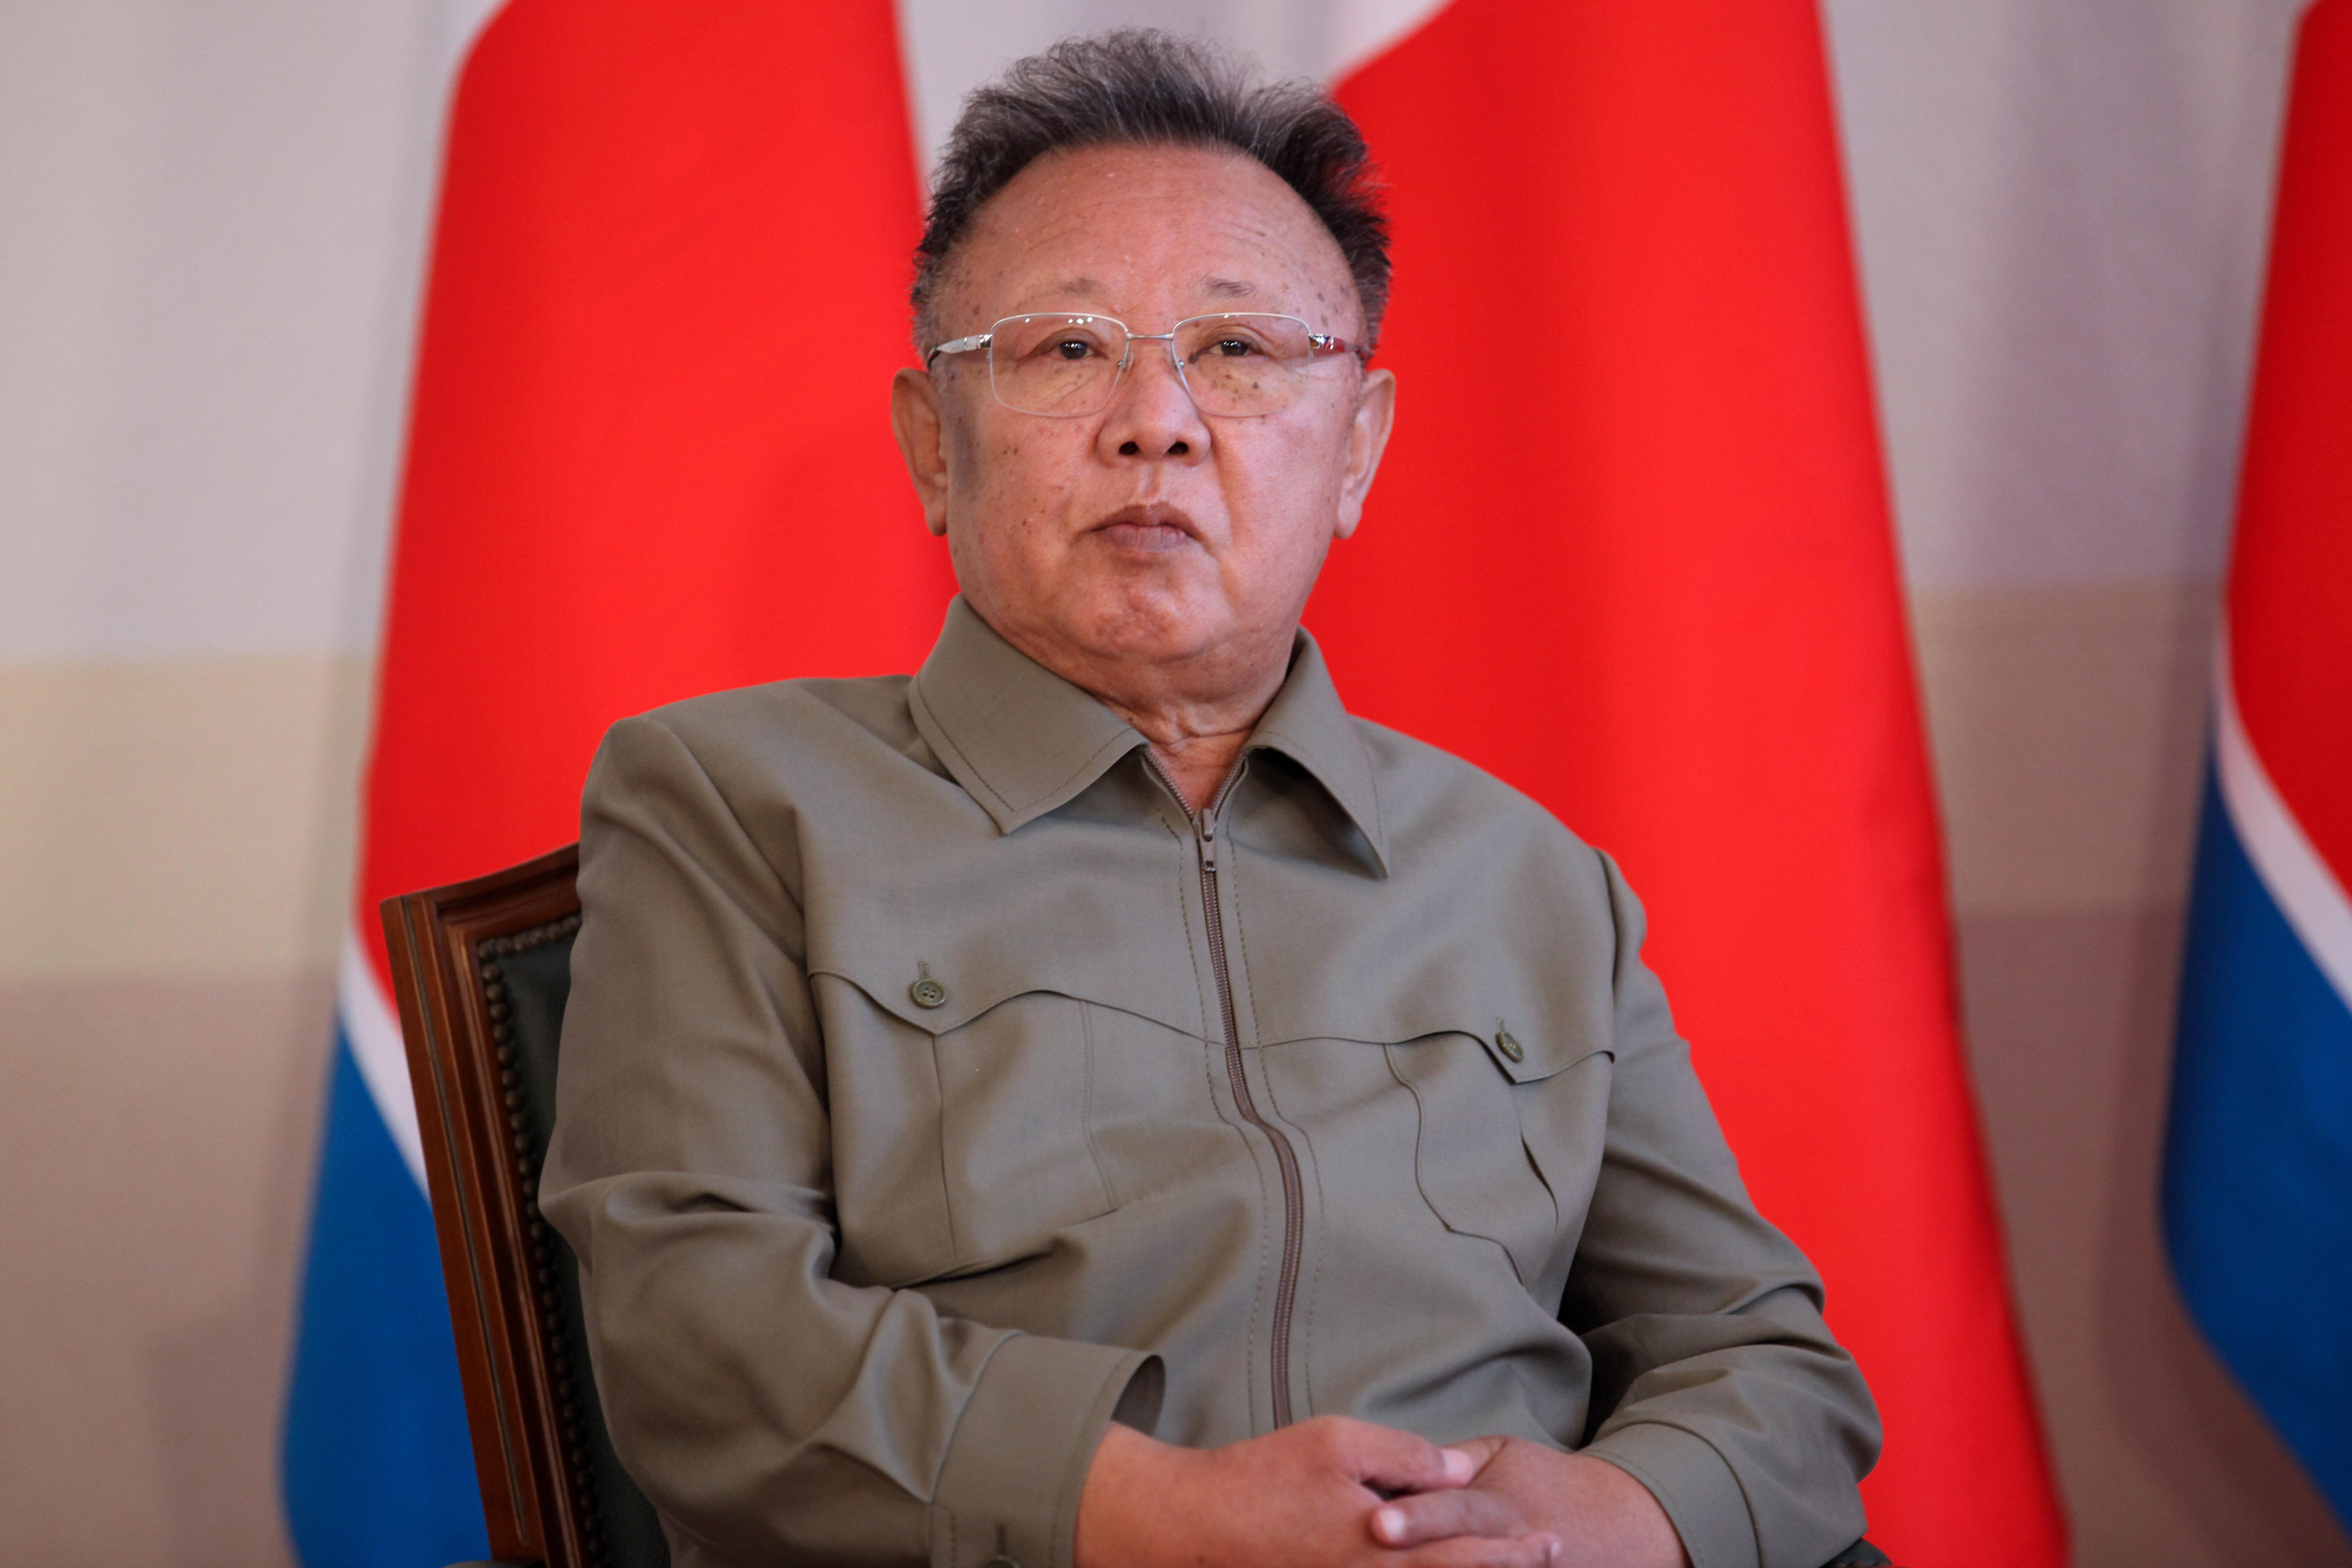 O actriță sud-coreeană celebră, care a fost răpită la cererea lui Kim Jong-il, a decedat